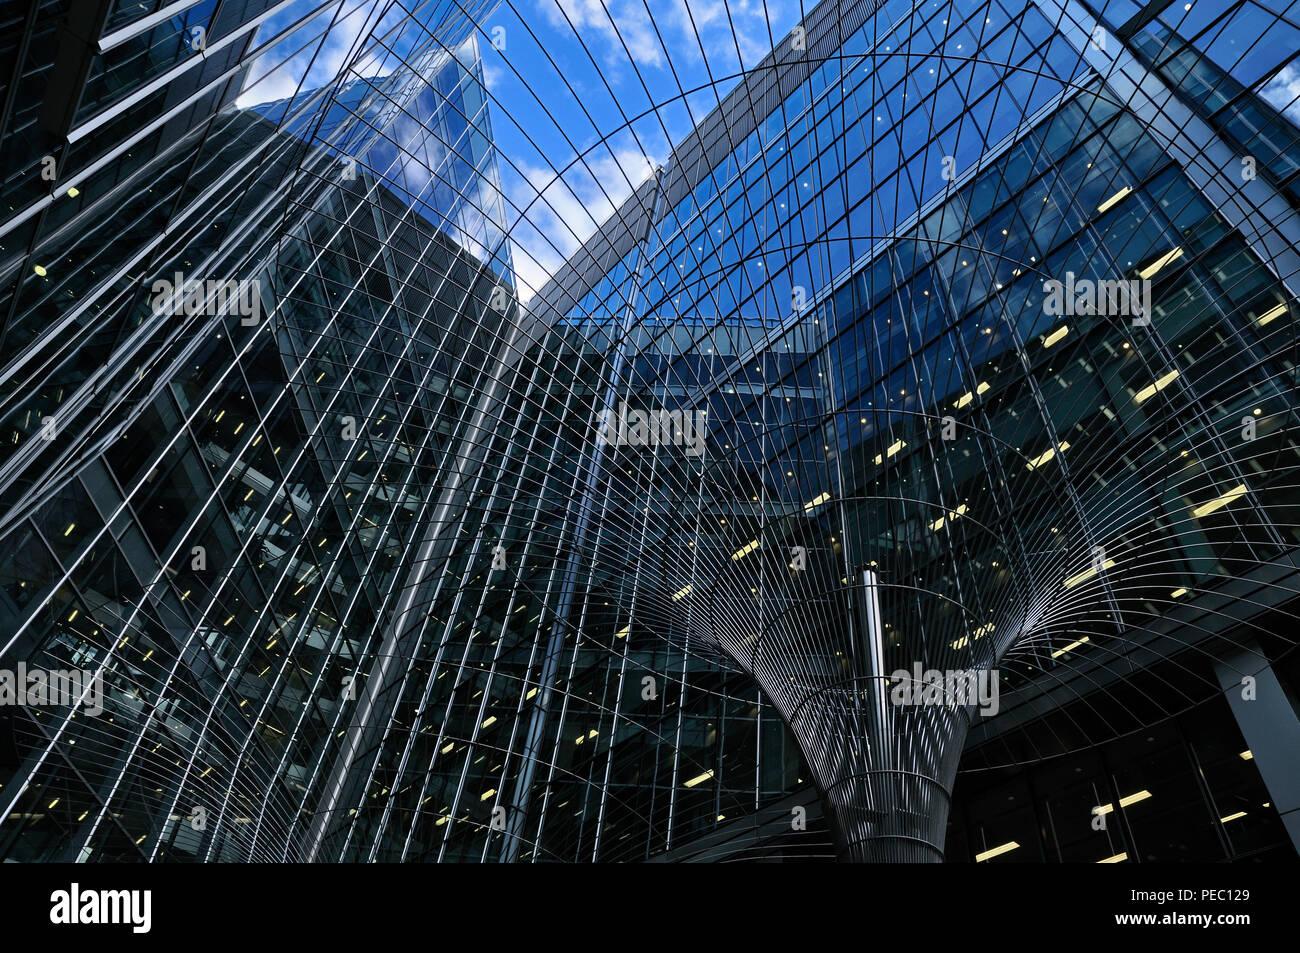 Architettonico contemporaneo astratto di vetro edifici per uffici a Londra, Inghilterra, Regno Unito Immagini Stock